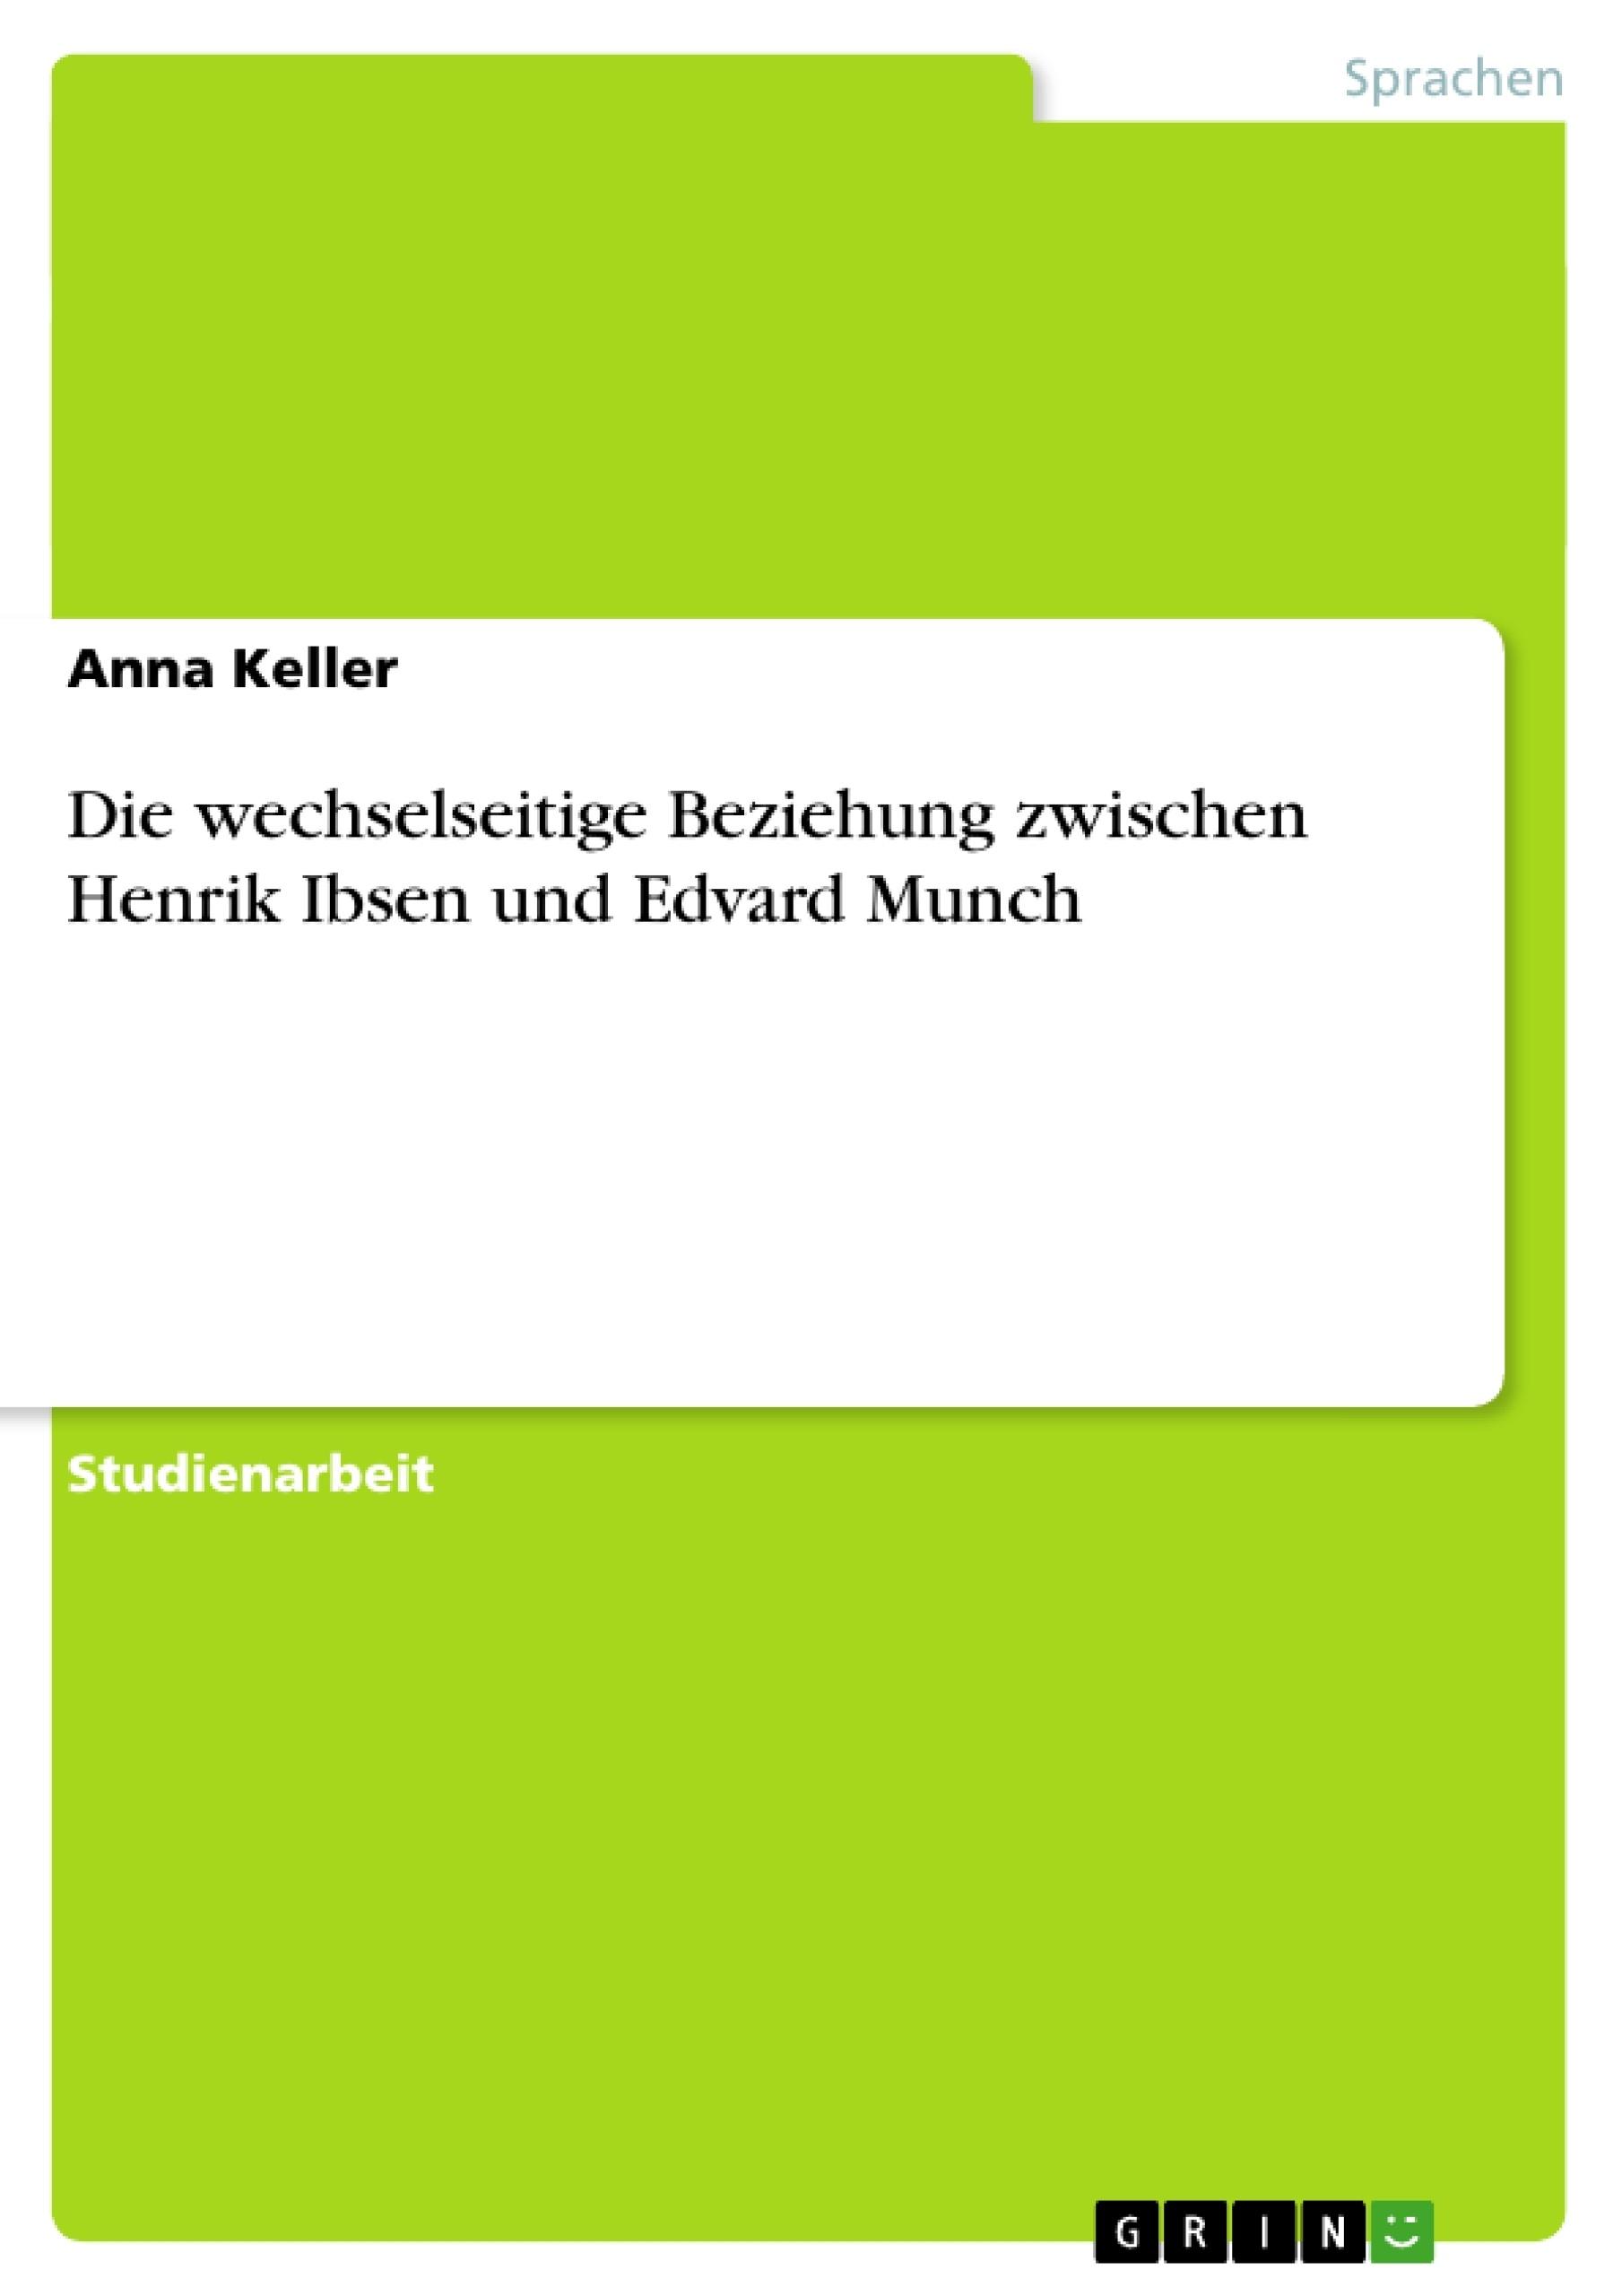 Titel: Die wechselseitige Beziehung zwischen Henrik Ibsen und Edvard Munch